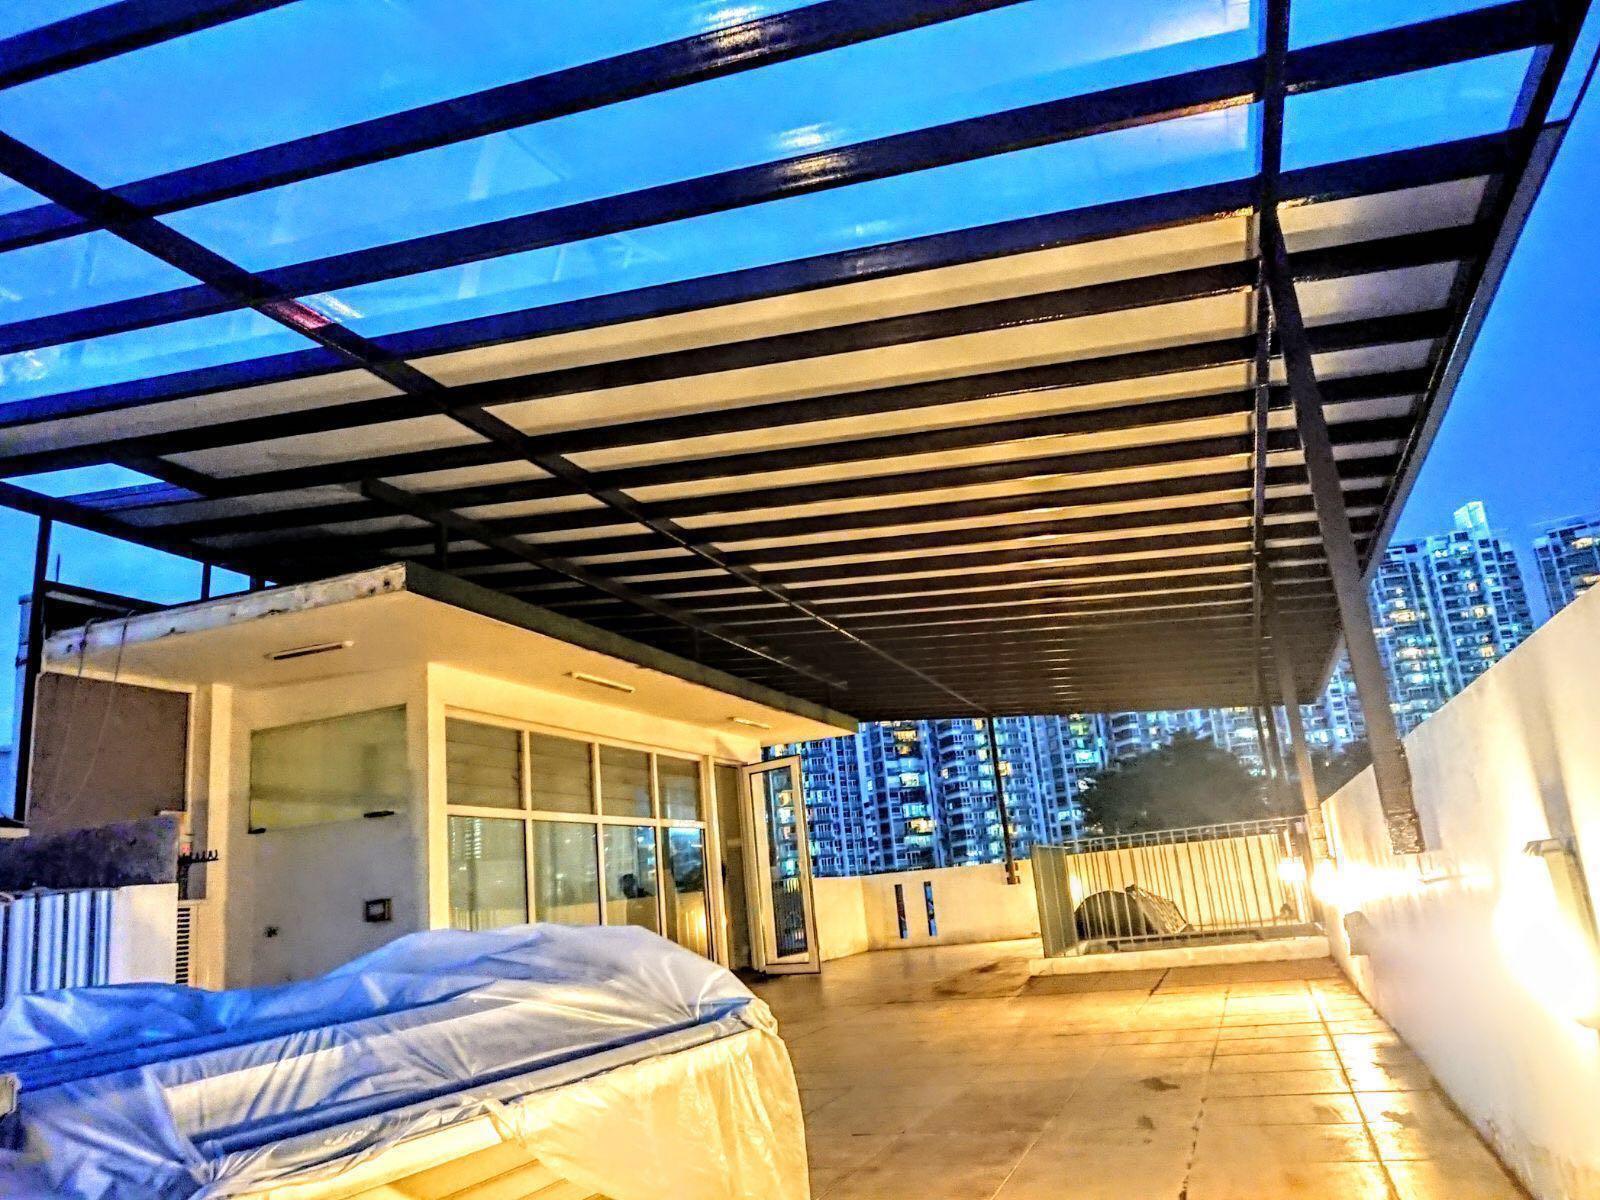 سقف پلی کربنات , پوشش سقف پلی کربنات